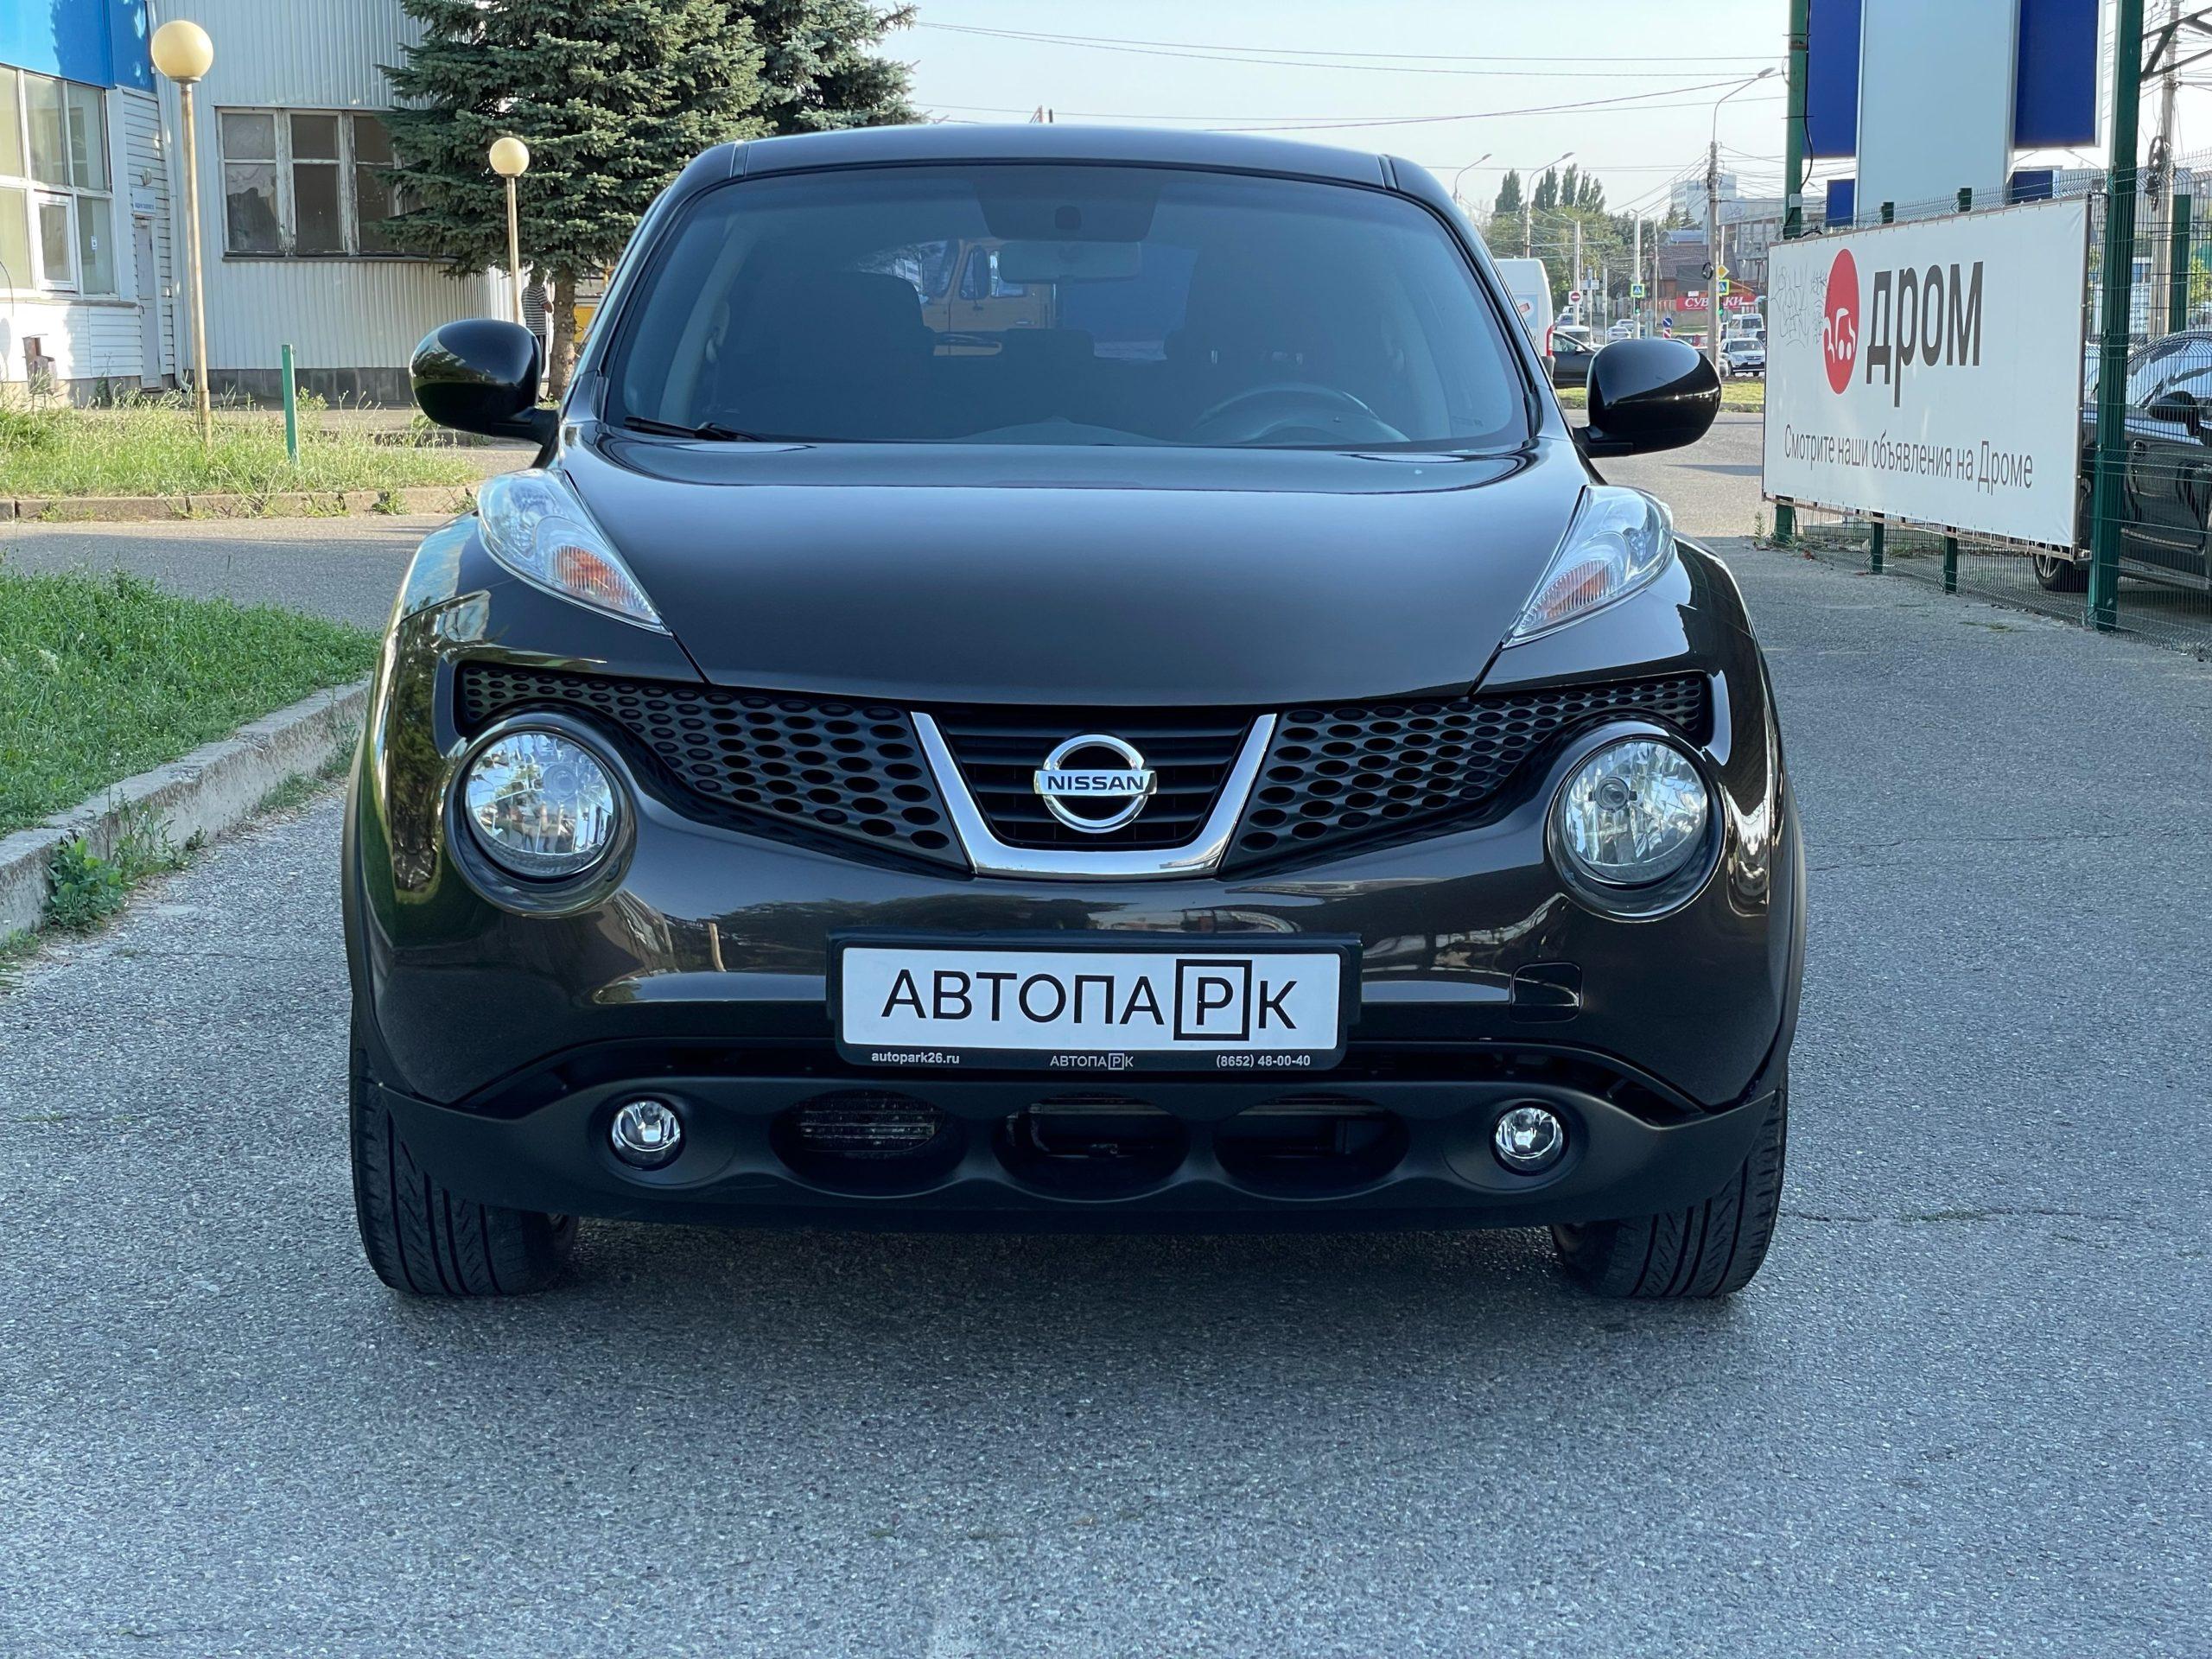 Купить Nissan Juke (Светло-коричневый ) - Автопарк Ставрополь